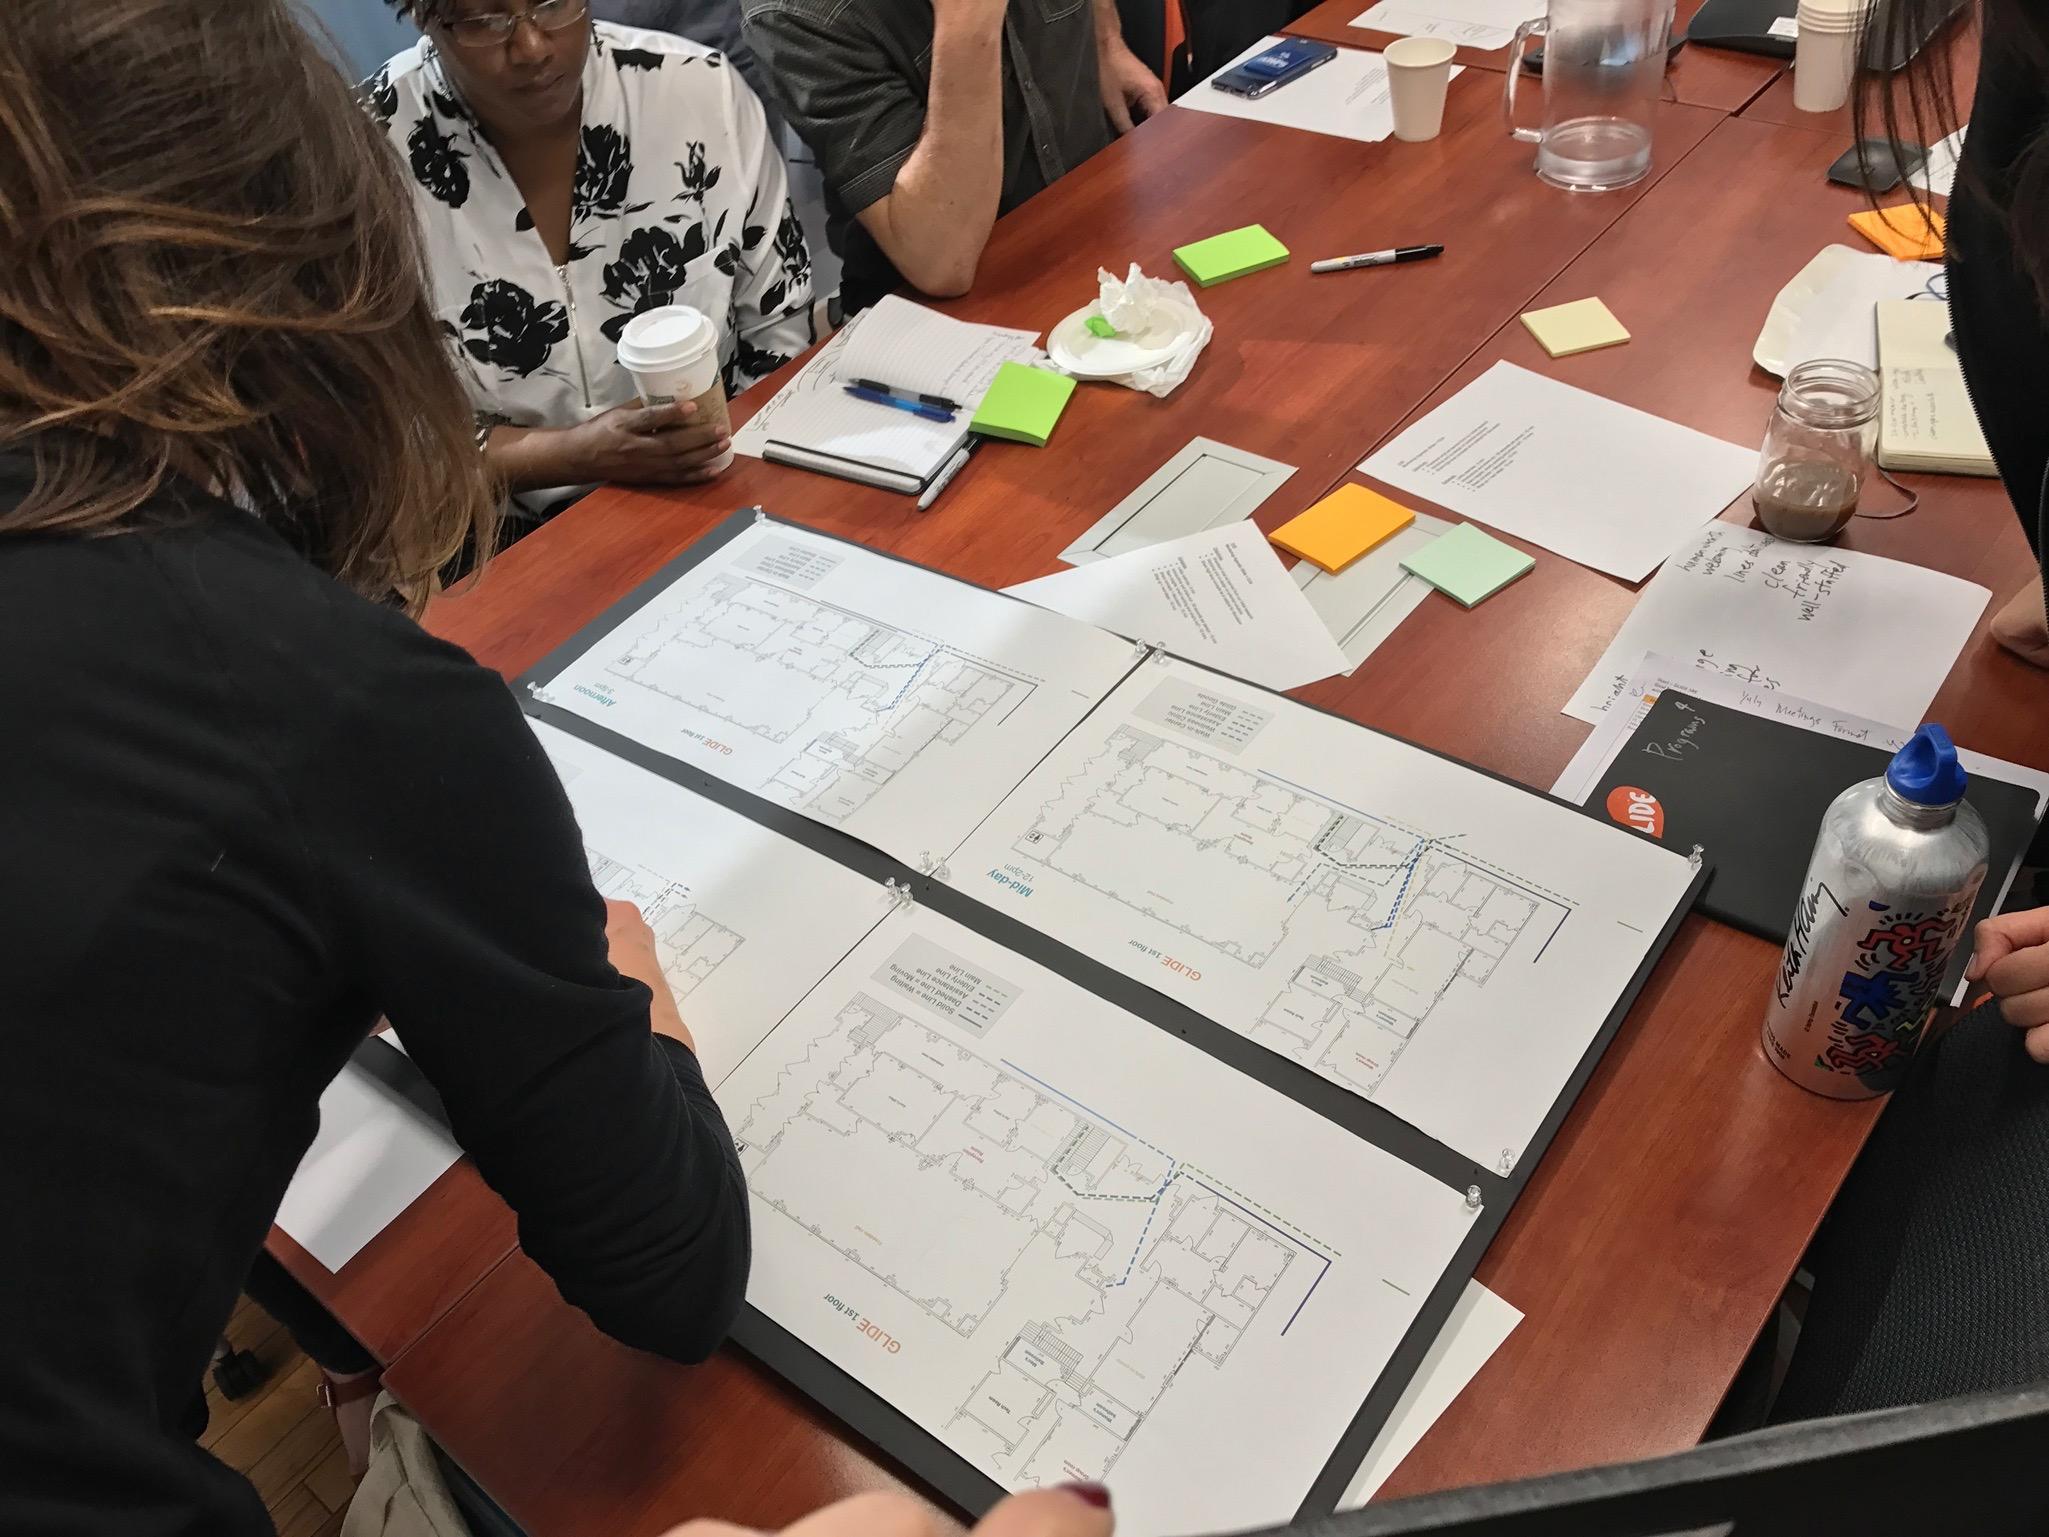 At the Co-Design workshop